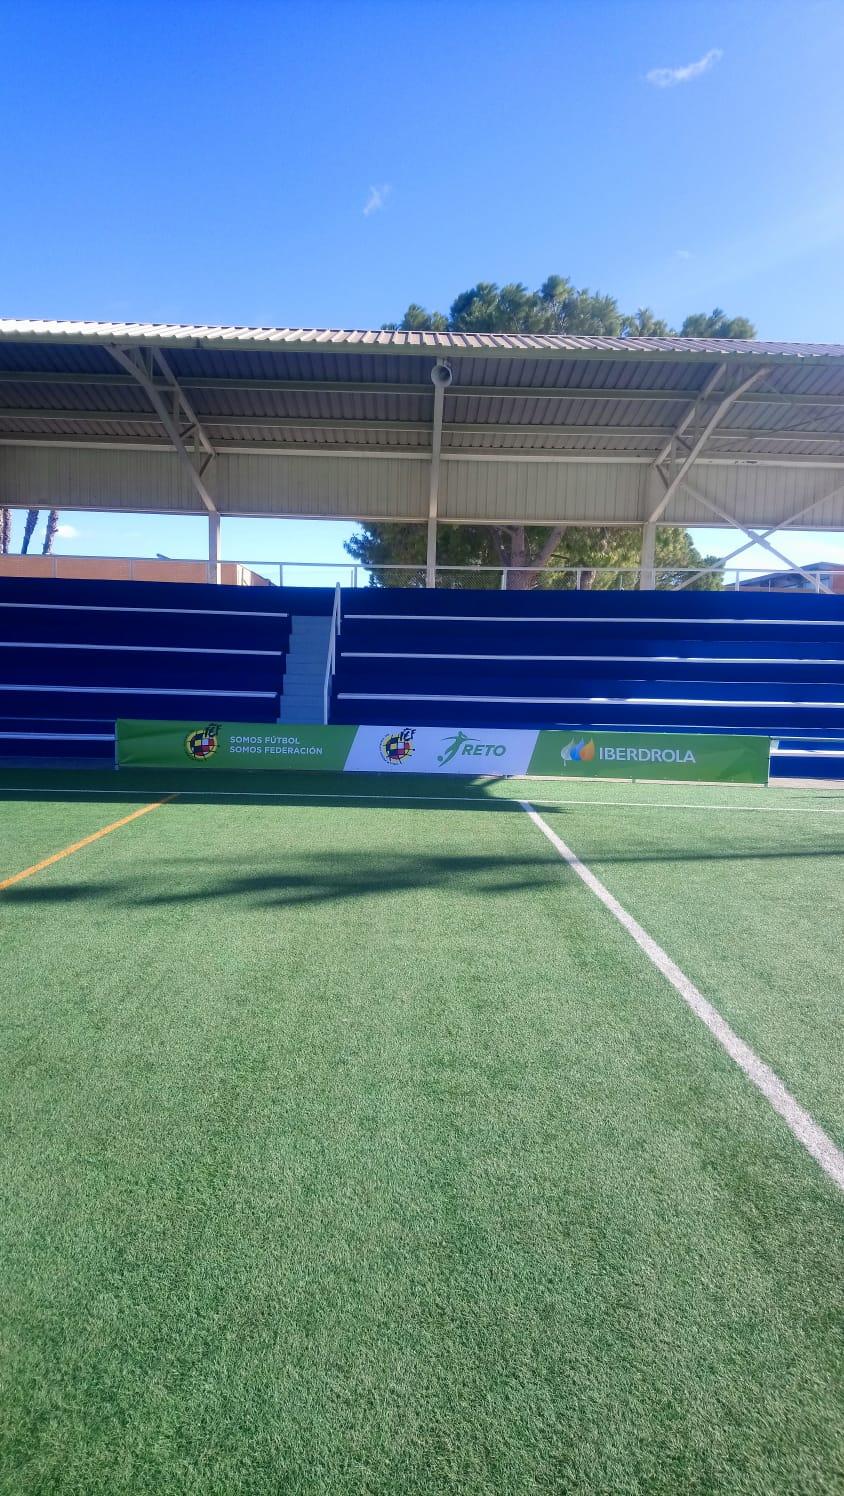 sdsEl ayuntamiento de Aldaia mejora las instalaciones deportivas durante el parón por covid-19